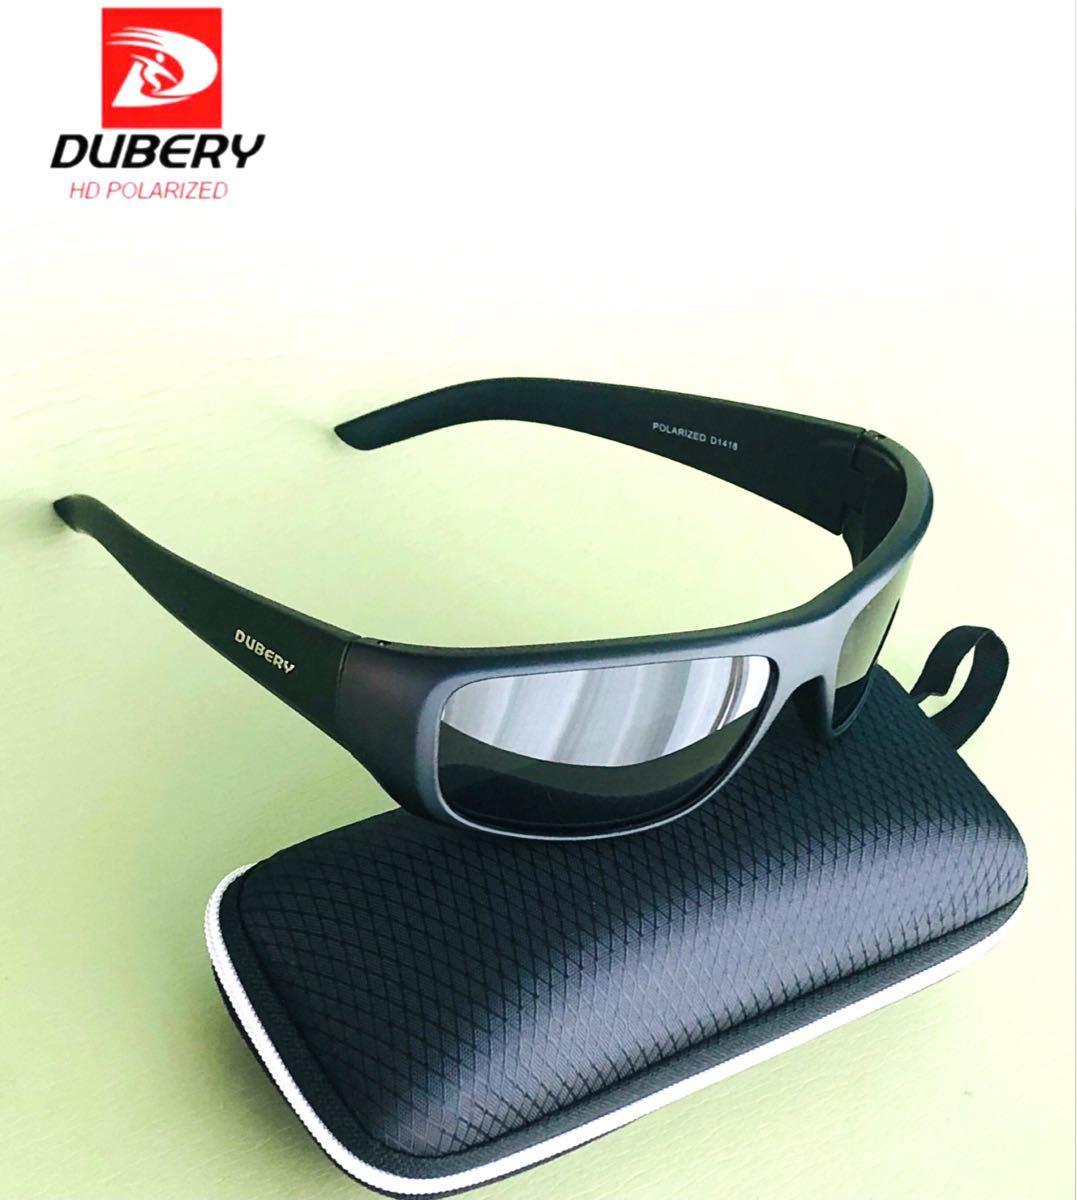 DUBERY サングラス 偏光グラス UV400 軽量 車  釣り アウトドア スポーツサングラス 紫外線カット